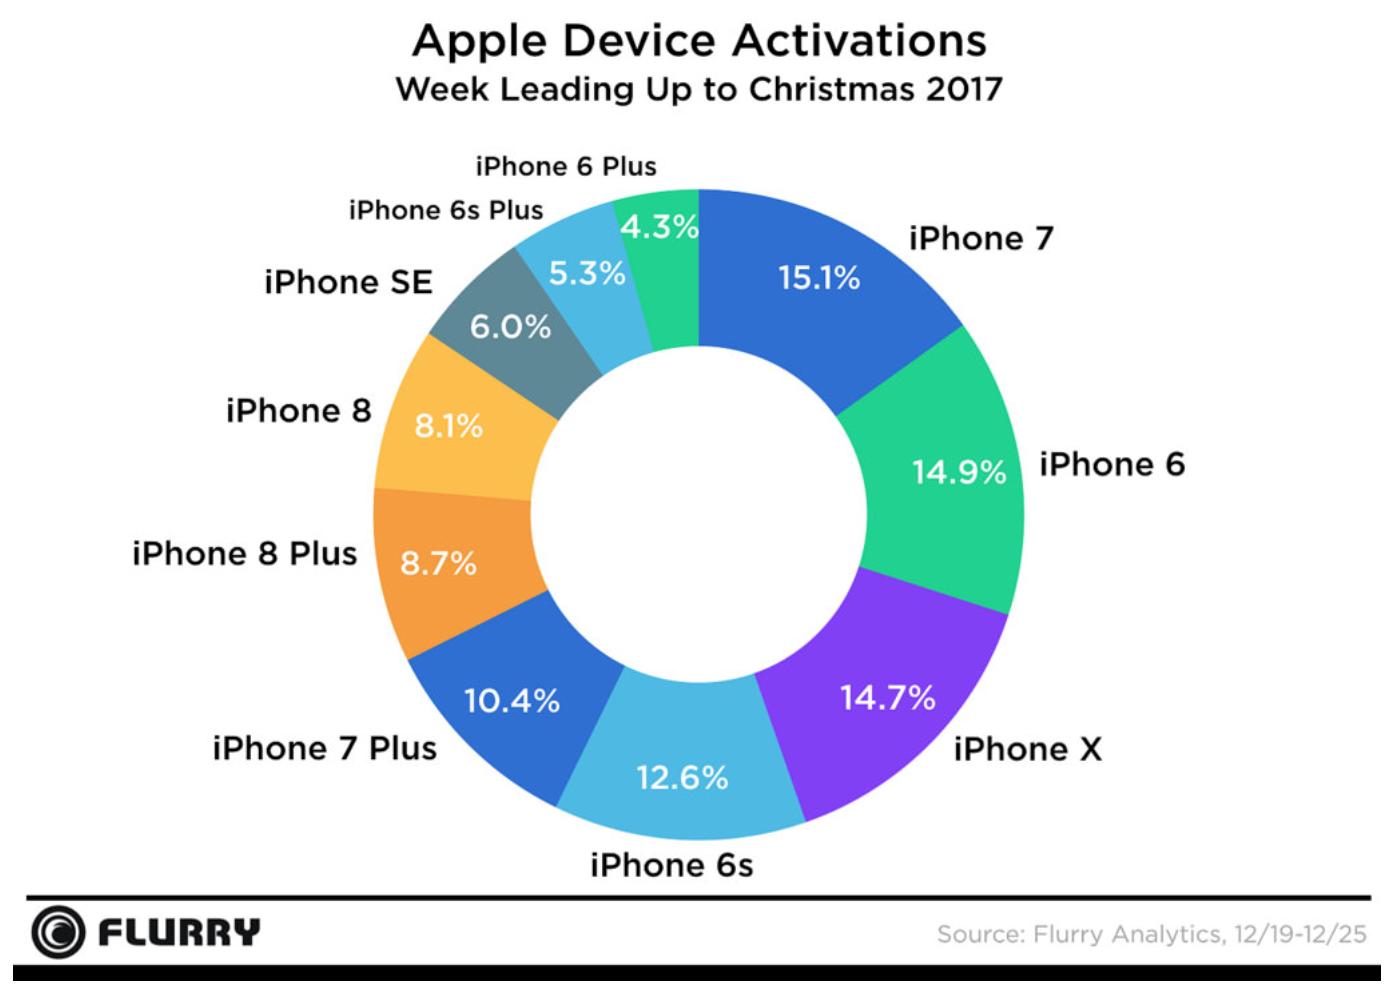 Reparto de nuevos iPhones activados durante la Navidad del 2017